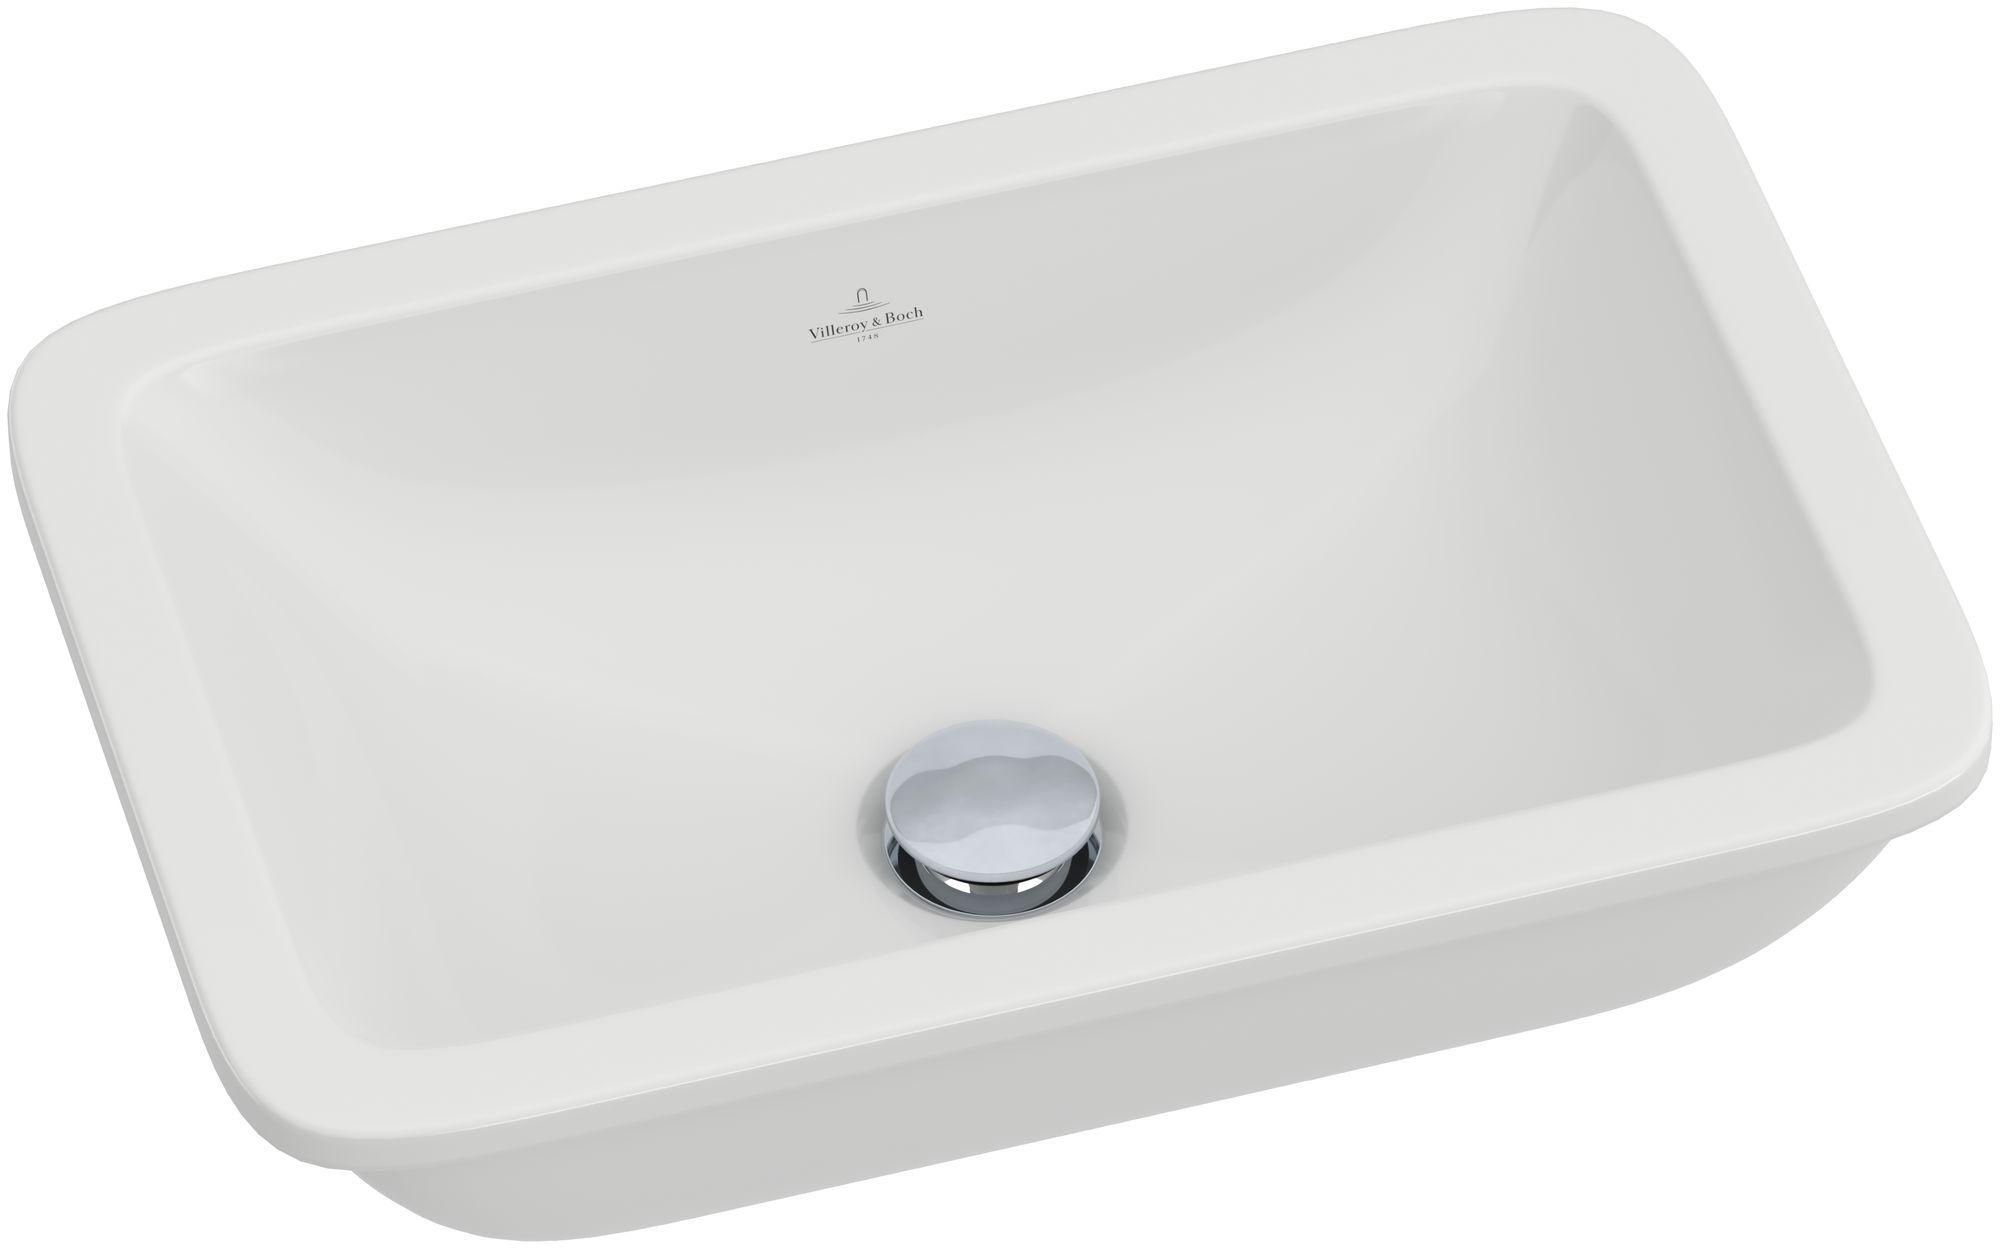 Villeroy & Boch Loop & Friends Unterbauwaschtisch B:45xT:28cm ohne Hahnloch ohne Überlauf weiß mit Ceramicplus 616311R1